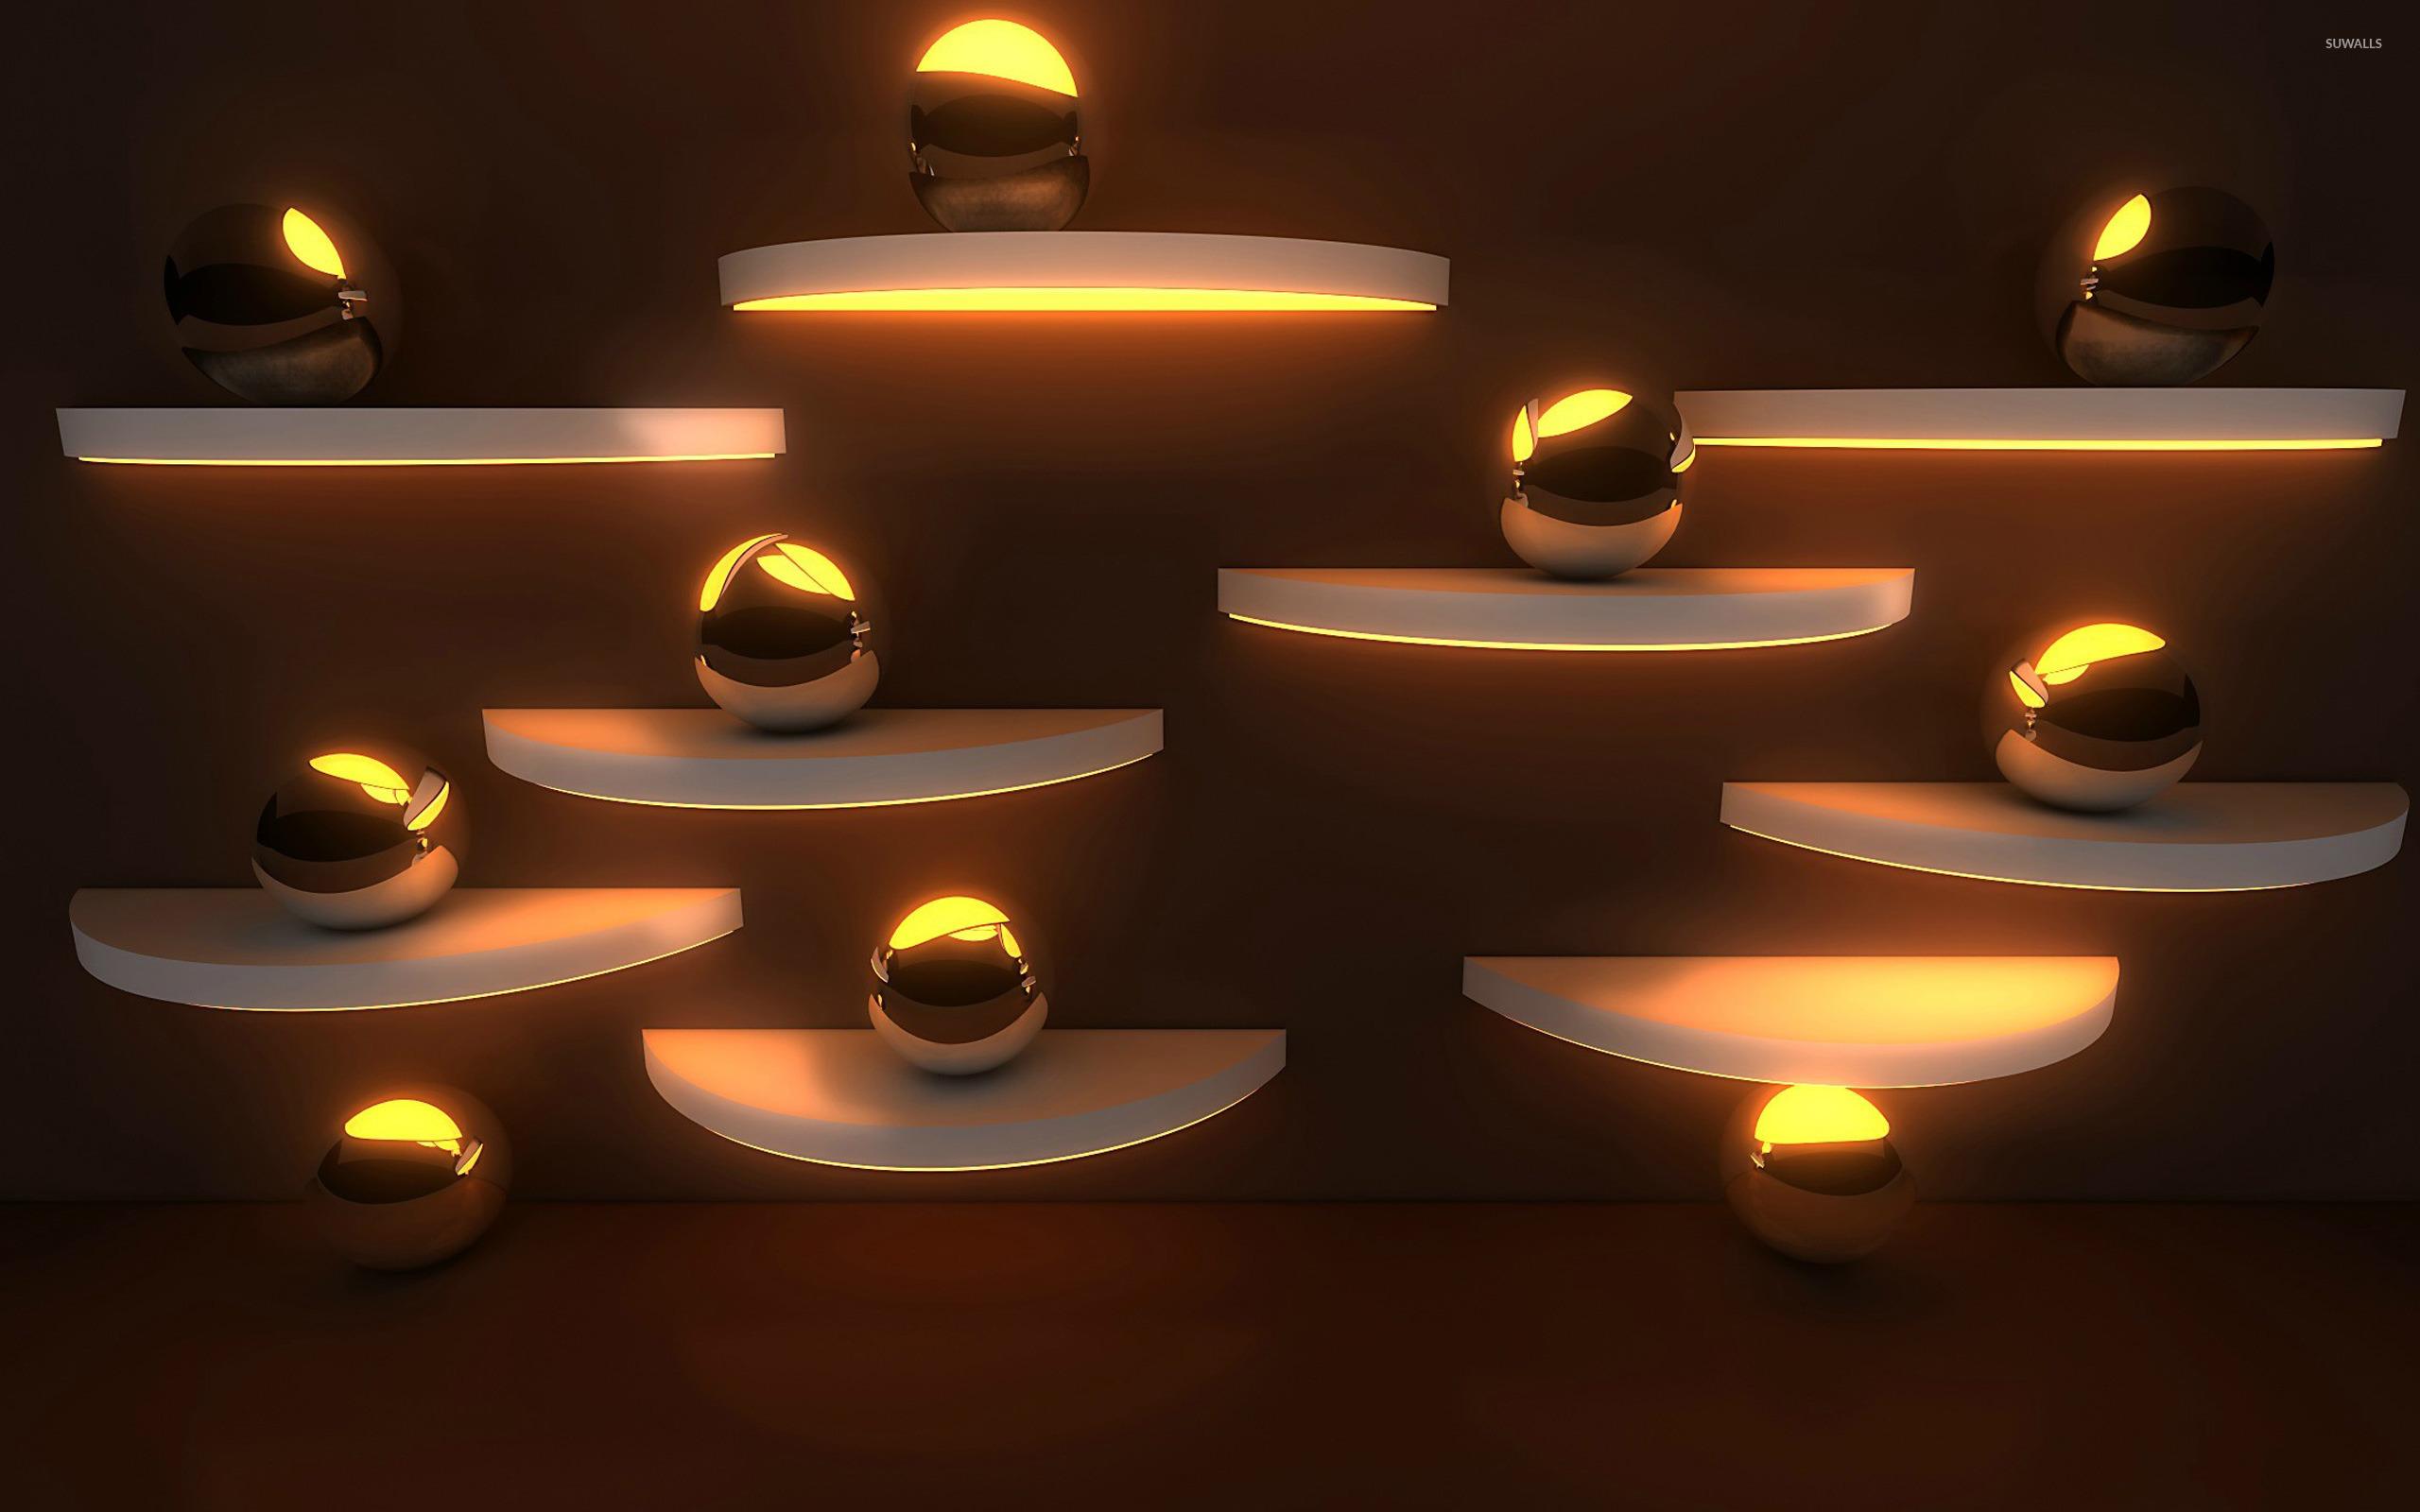 Golden Spheres Wallpaper 3d Wallpapers 10382